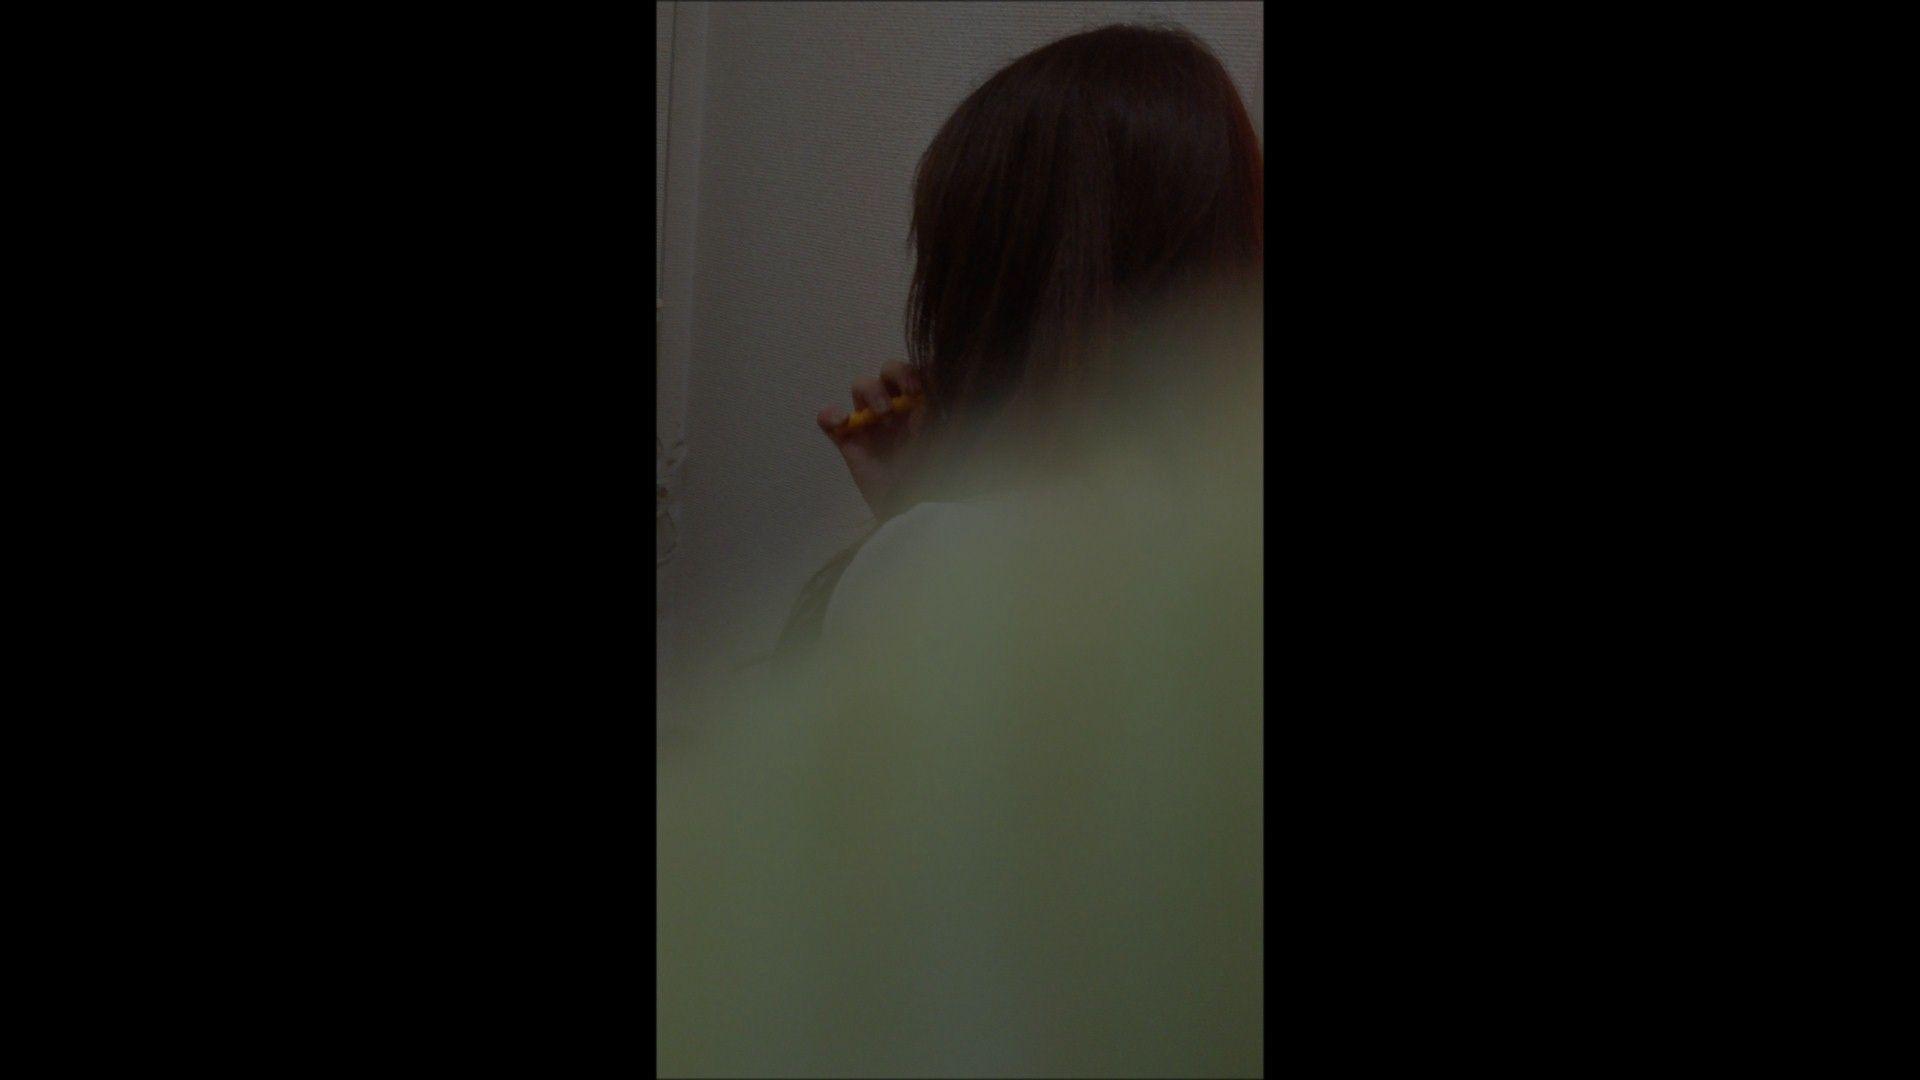 08(8日目)メイク中の彼女の顔を撮りました! マンコ特集 | オマンコ丸見え  59連発 25